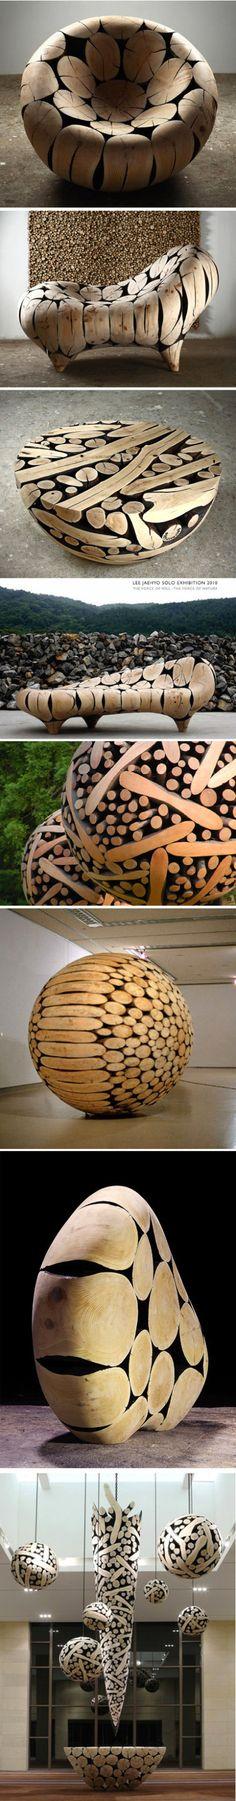 韩国艺术家李在孝(Jaehyo Lee 1965-)的雕塑作品。用原木制作,既有天然的感觉,同时强化简单几何美感_近视女青年的收藏_我喜欢